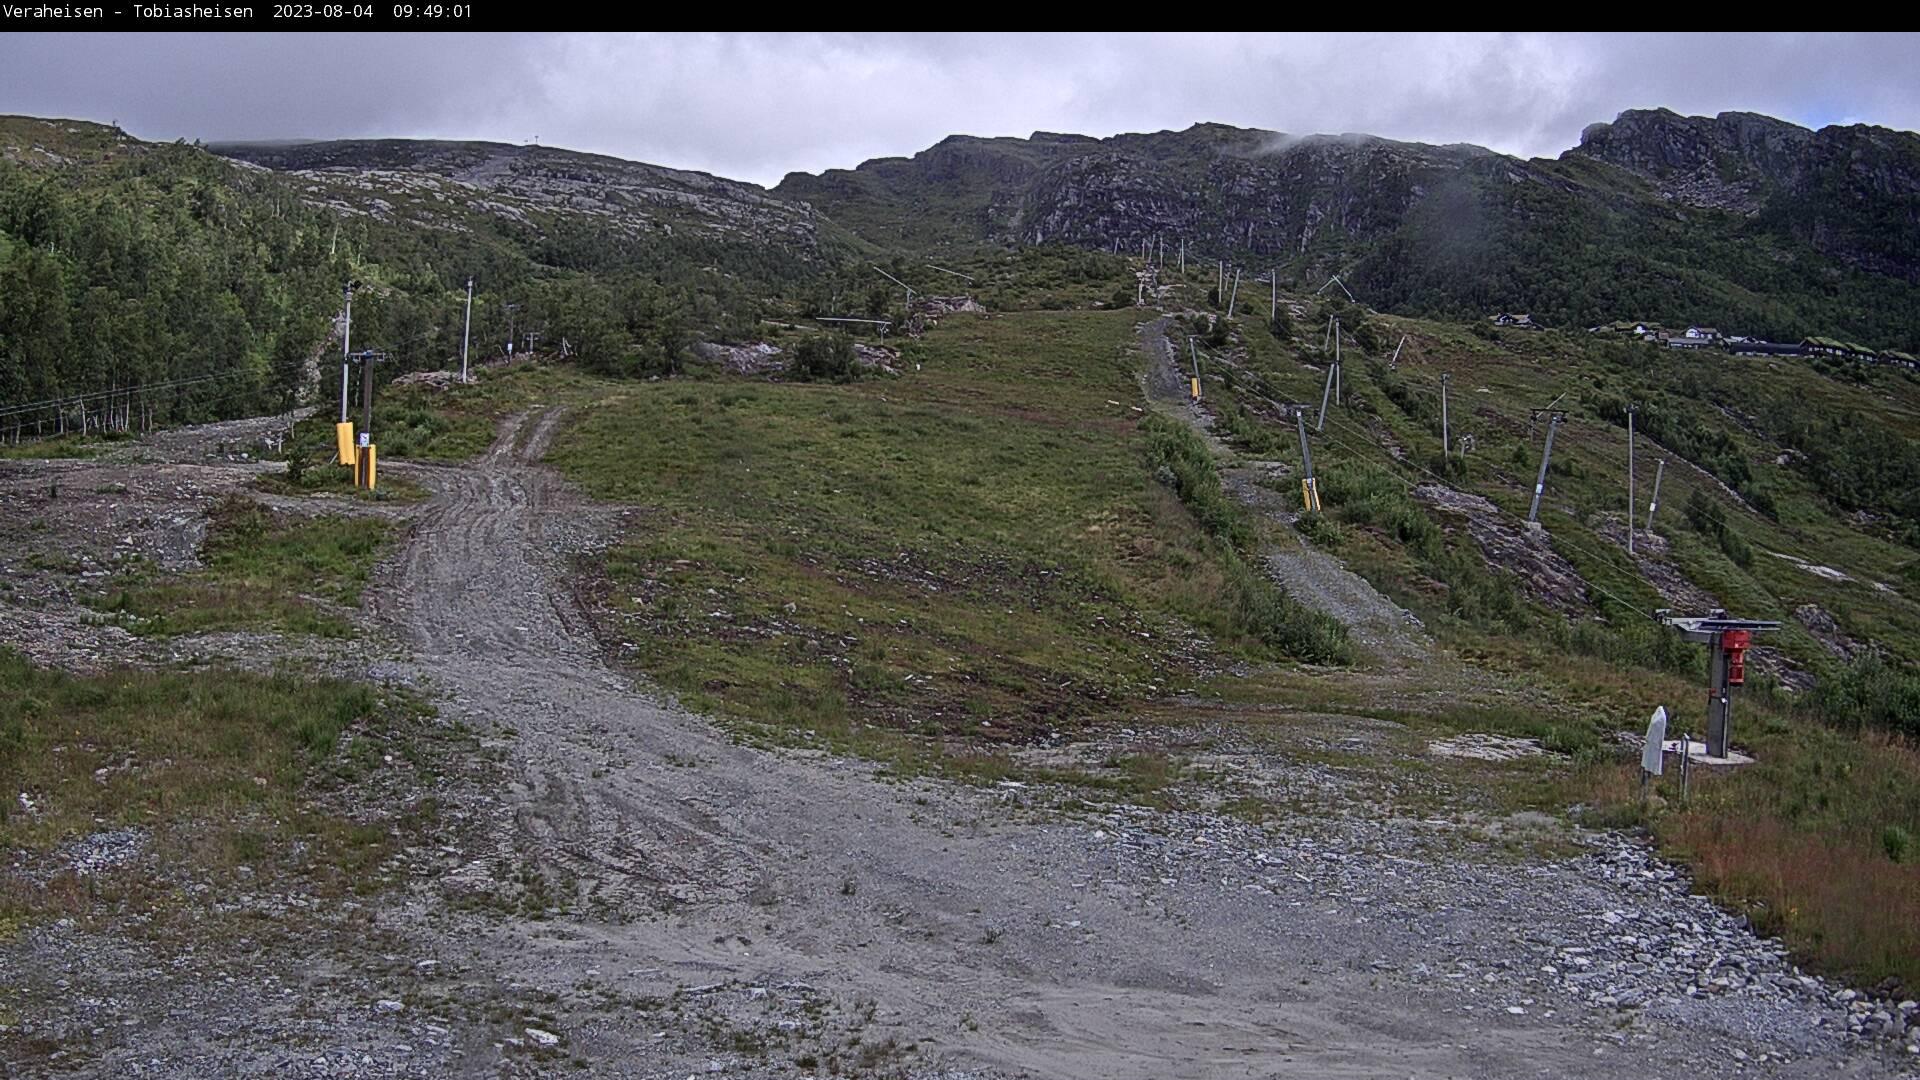 Eikedalen - Eikedalen ski centre; Veraheisen/Tobiasheisen